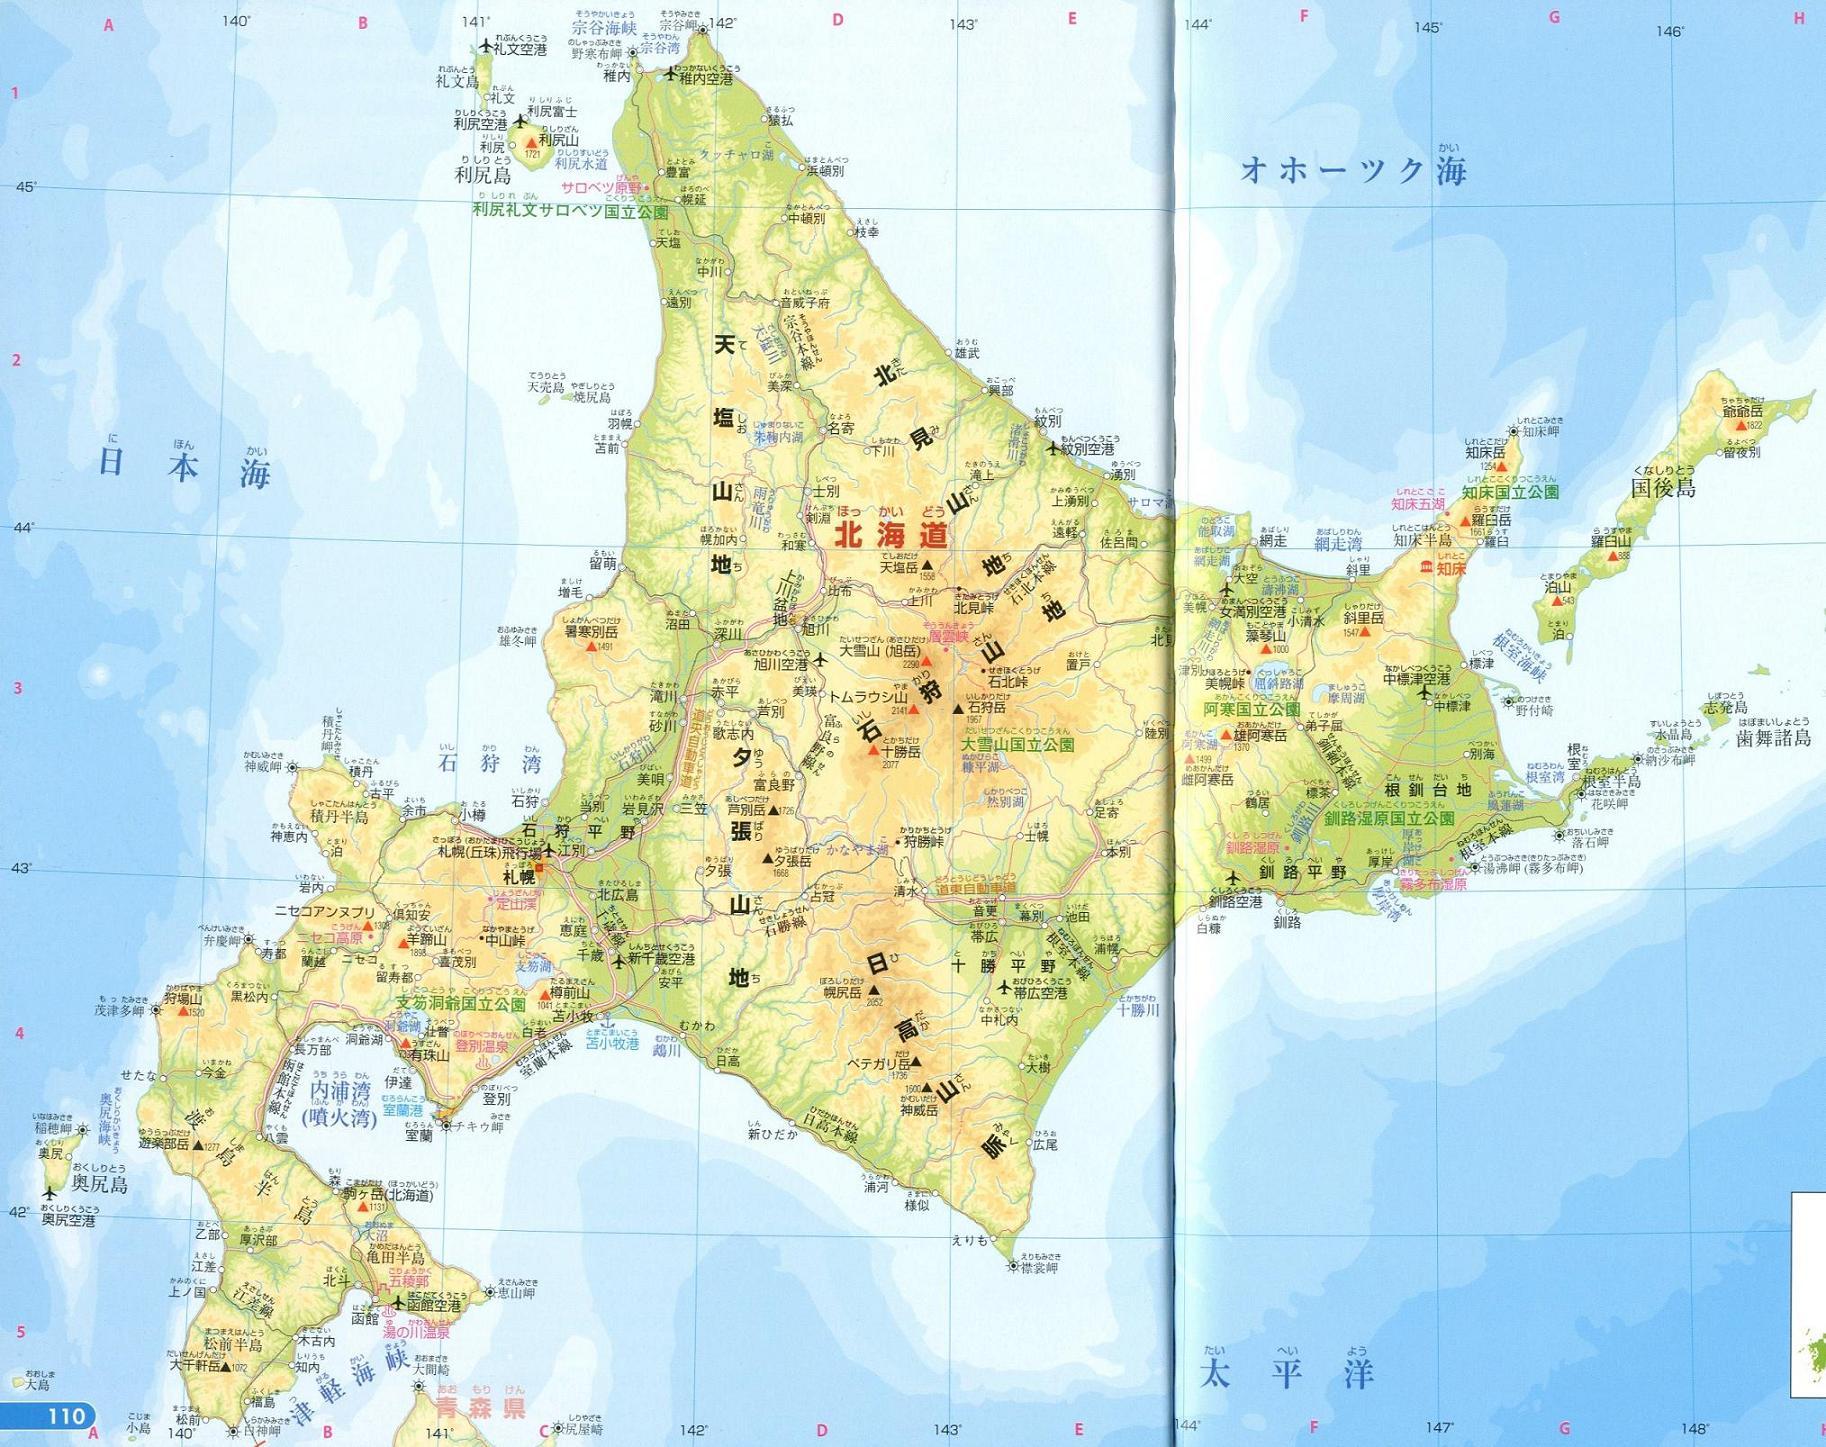 日本 日本地図ダウンロード無料 : の 地図 です こ ども 日本 地図 ...